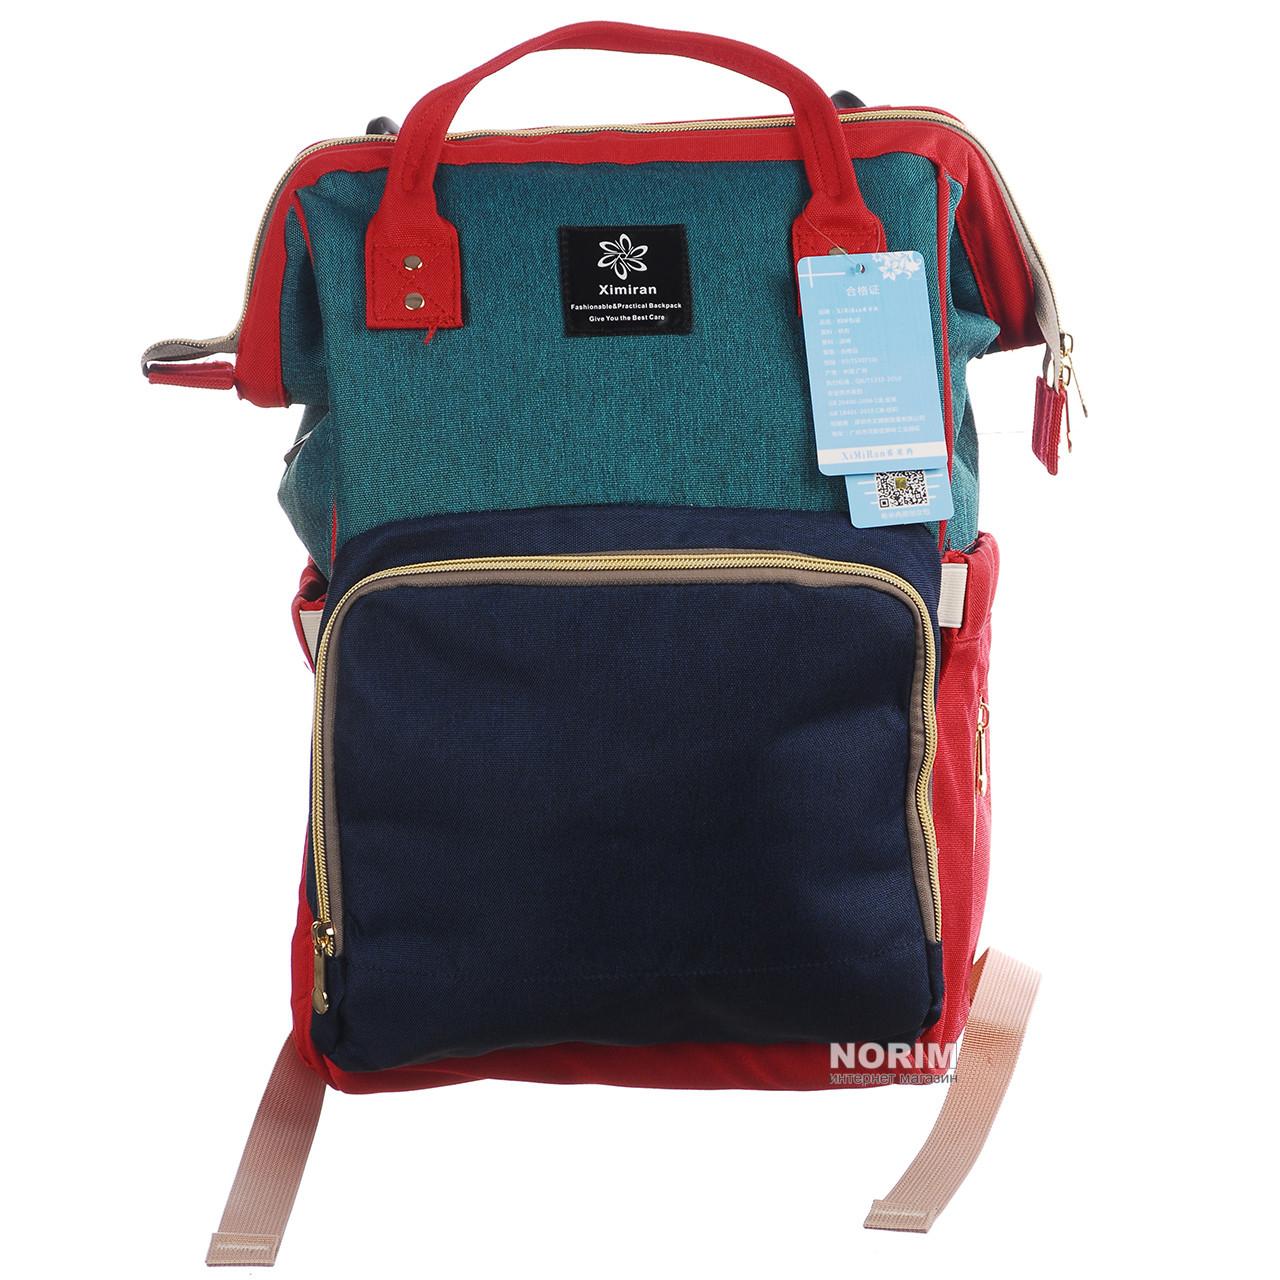 3a6569a53348 Рюкзак для мам Ximiran Красный интернет магазин NORIM (Норим). Цена ...